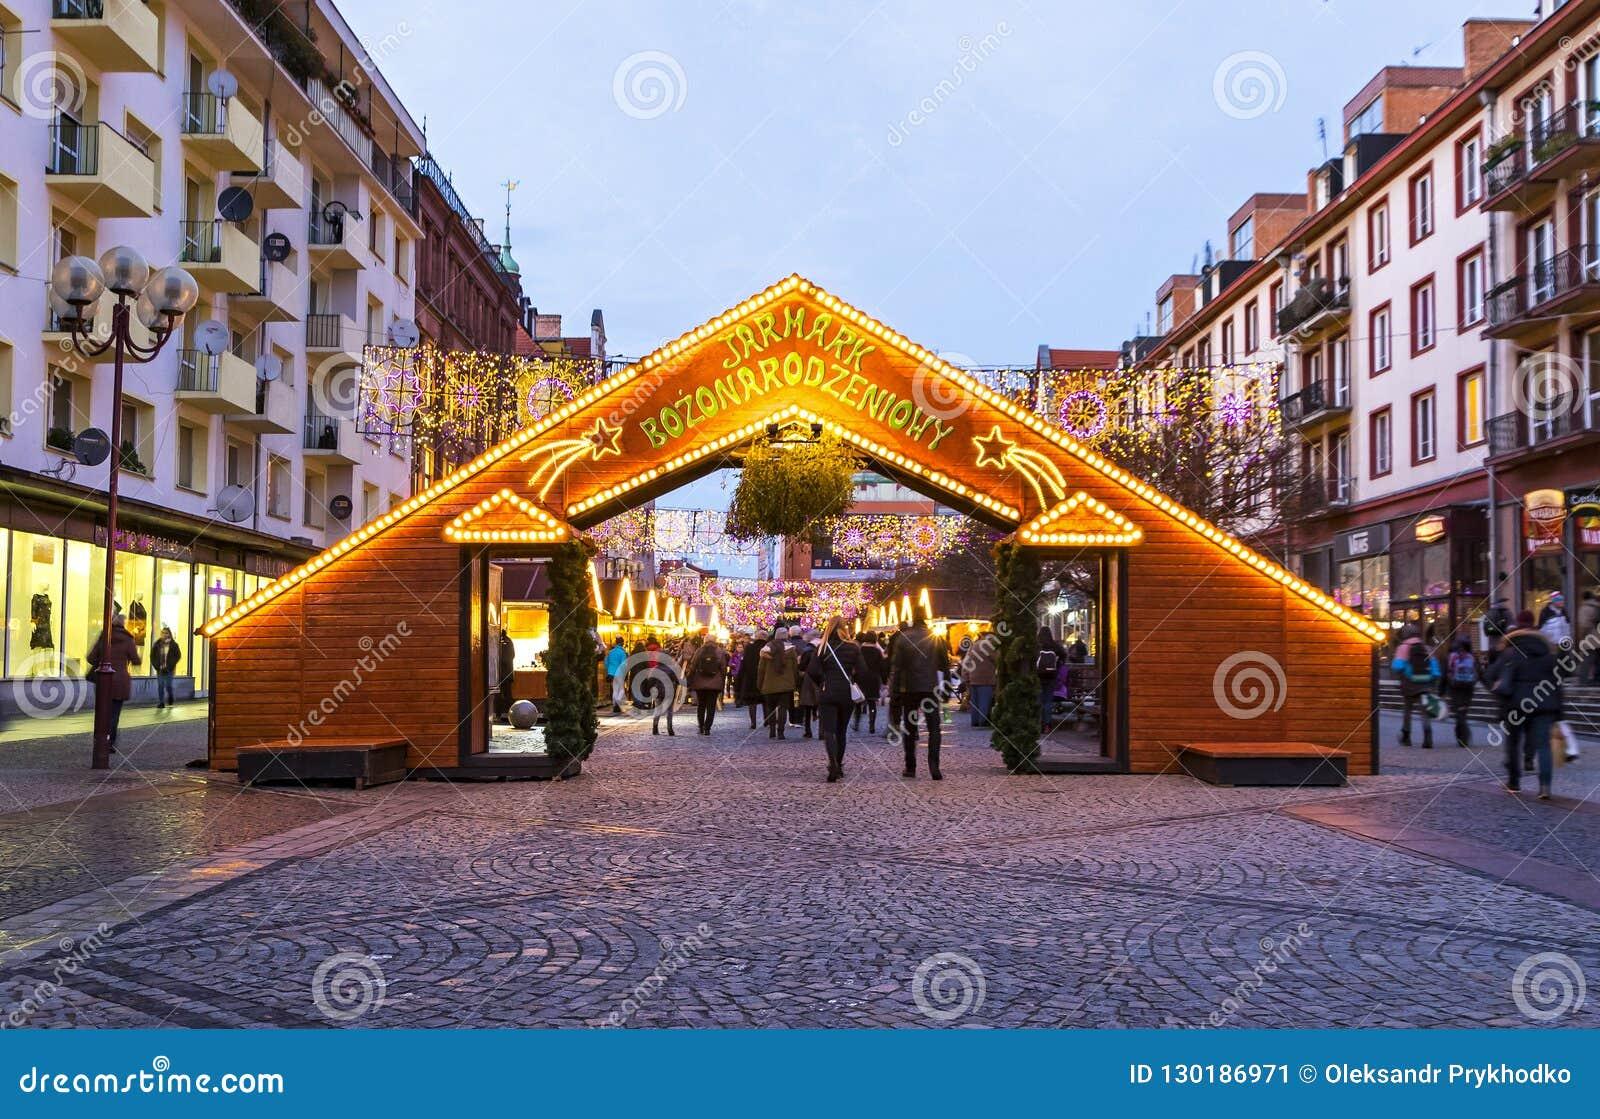 Weihnachtsmarkt in Breslau, Polen